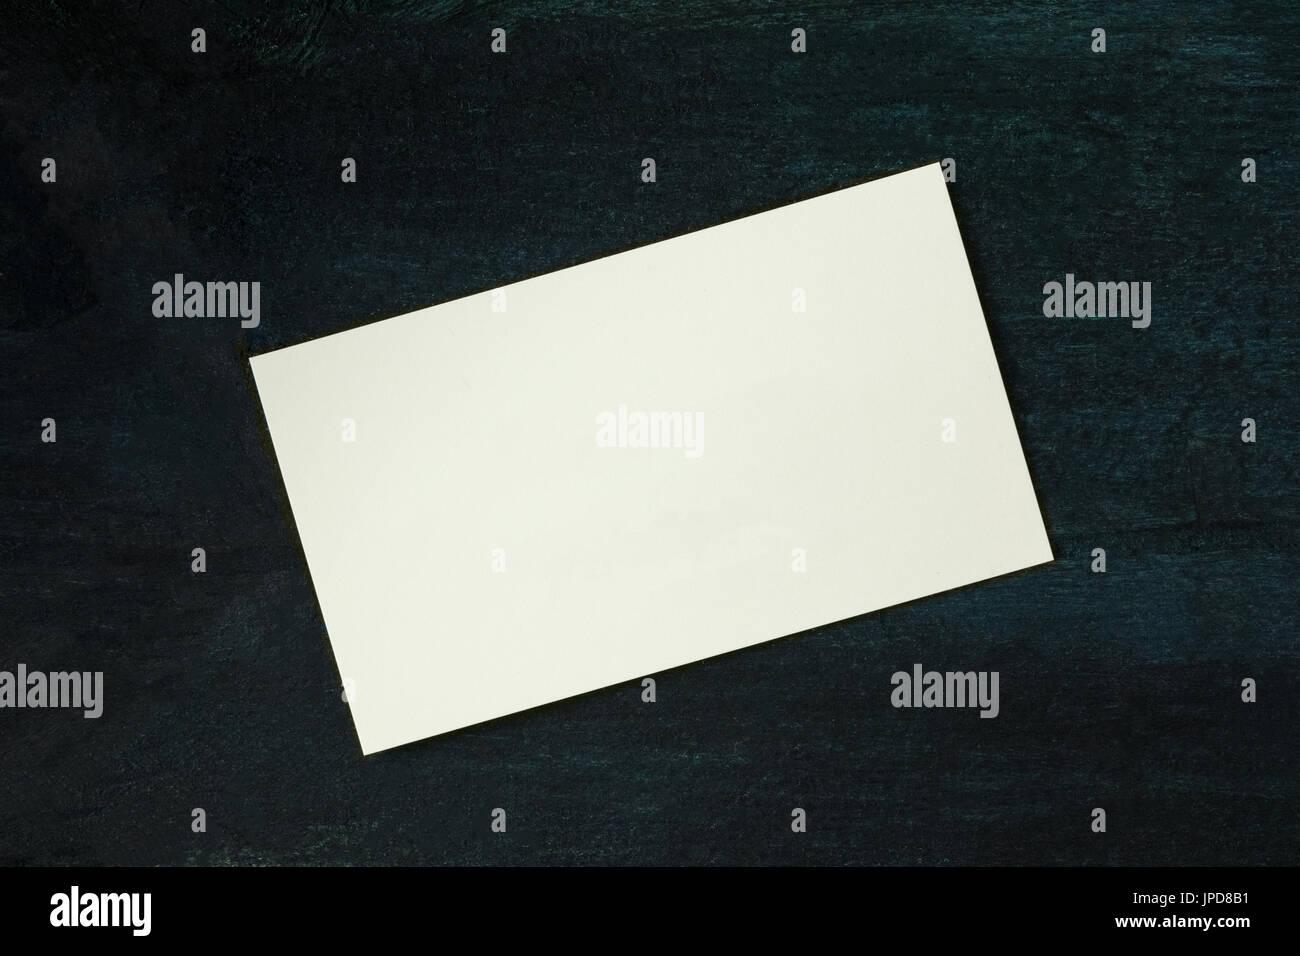 Ein Foto Einer Leeren Weißen Dicken Karton Visitenkarte Auf